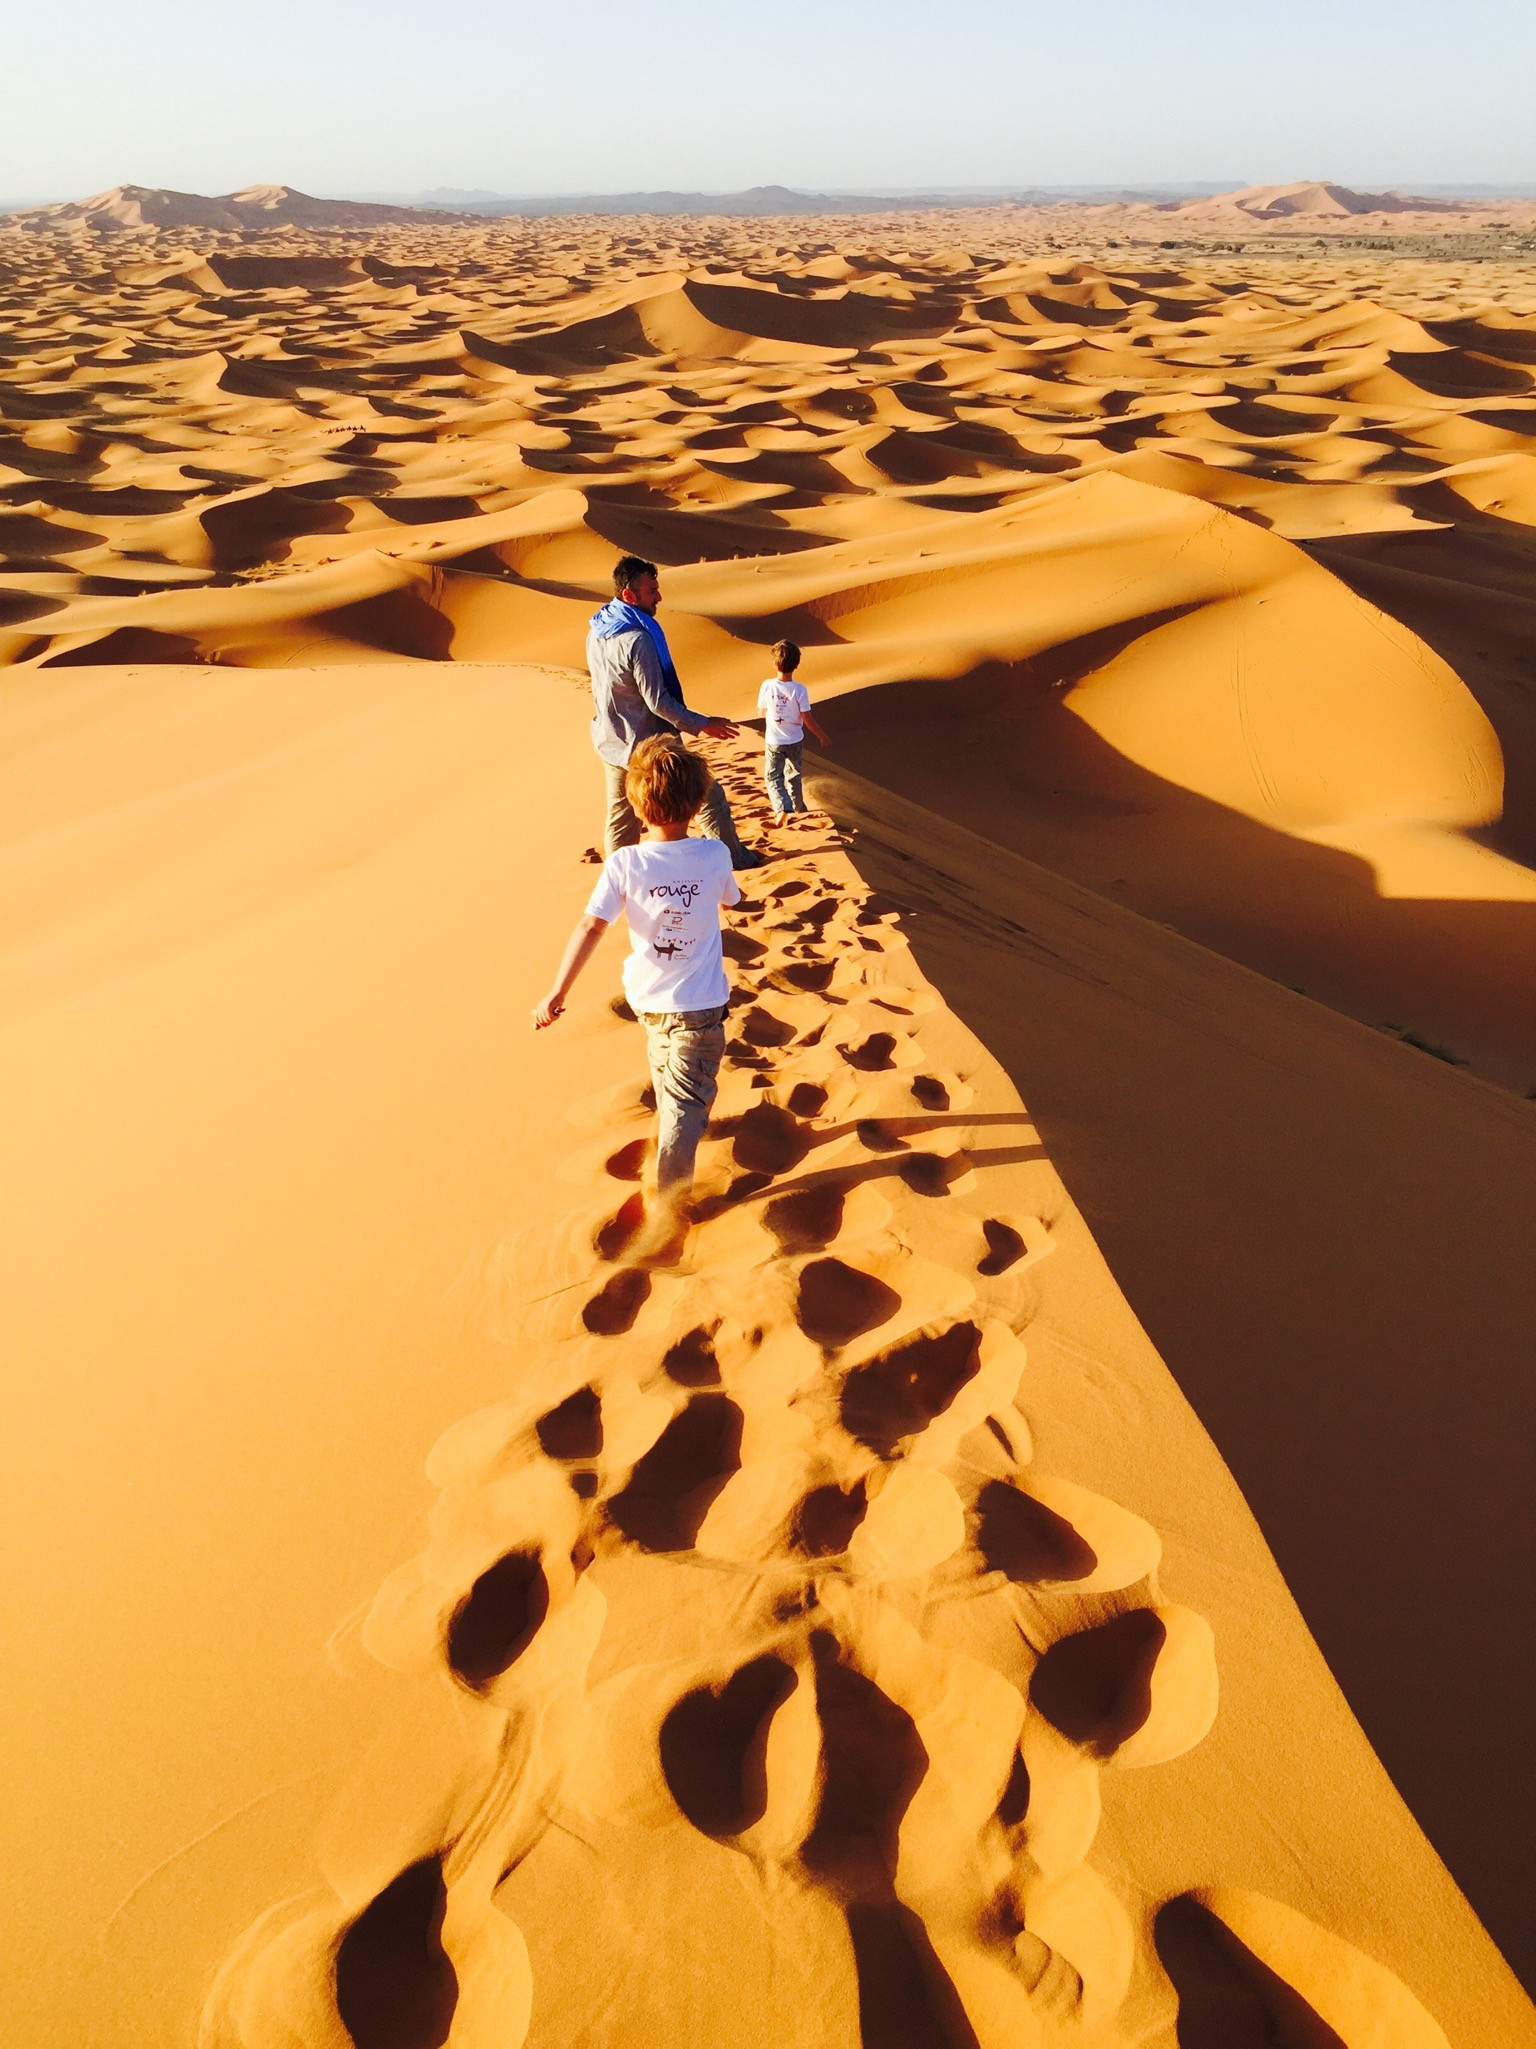 Les Petits Loups au Maroc, ce jeudi 20 mai 2021, de 10 à 11 heures, à l'émission Ici et ailleurs